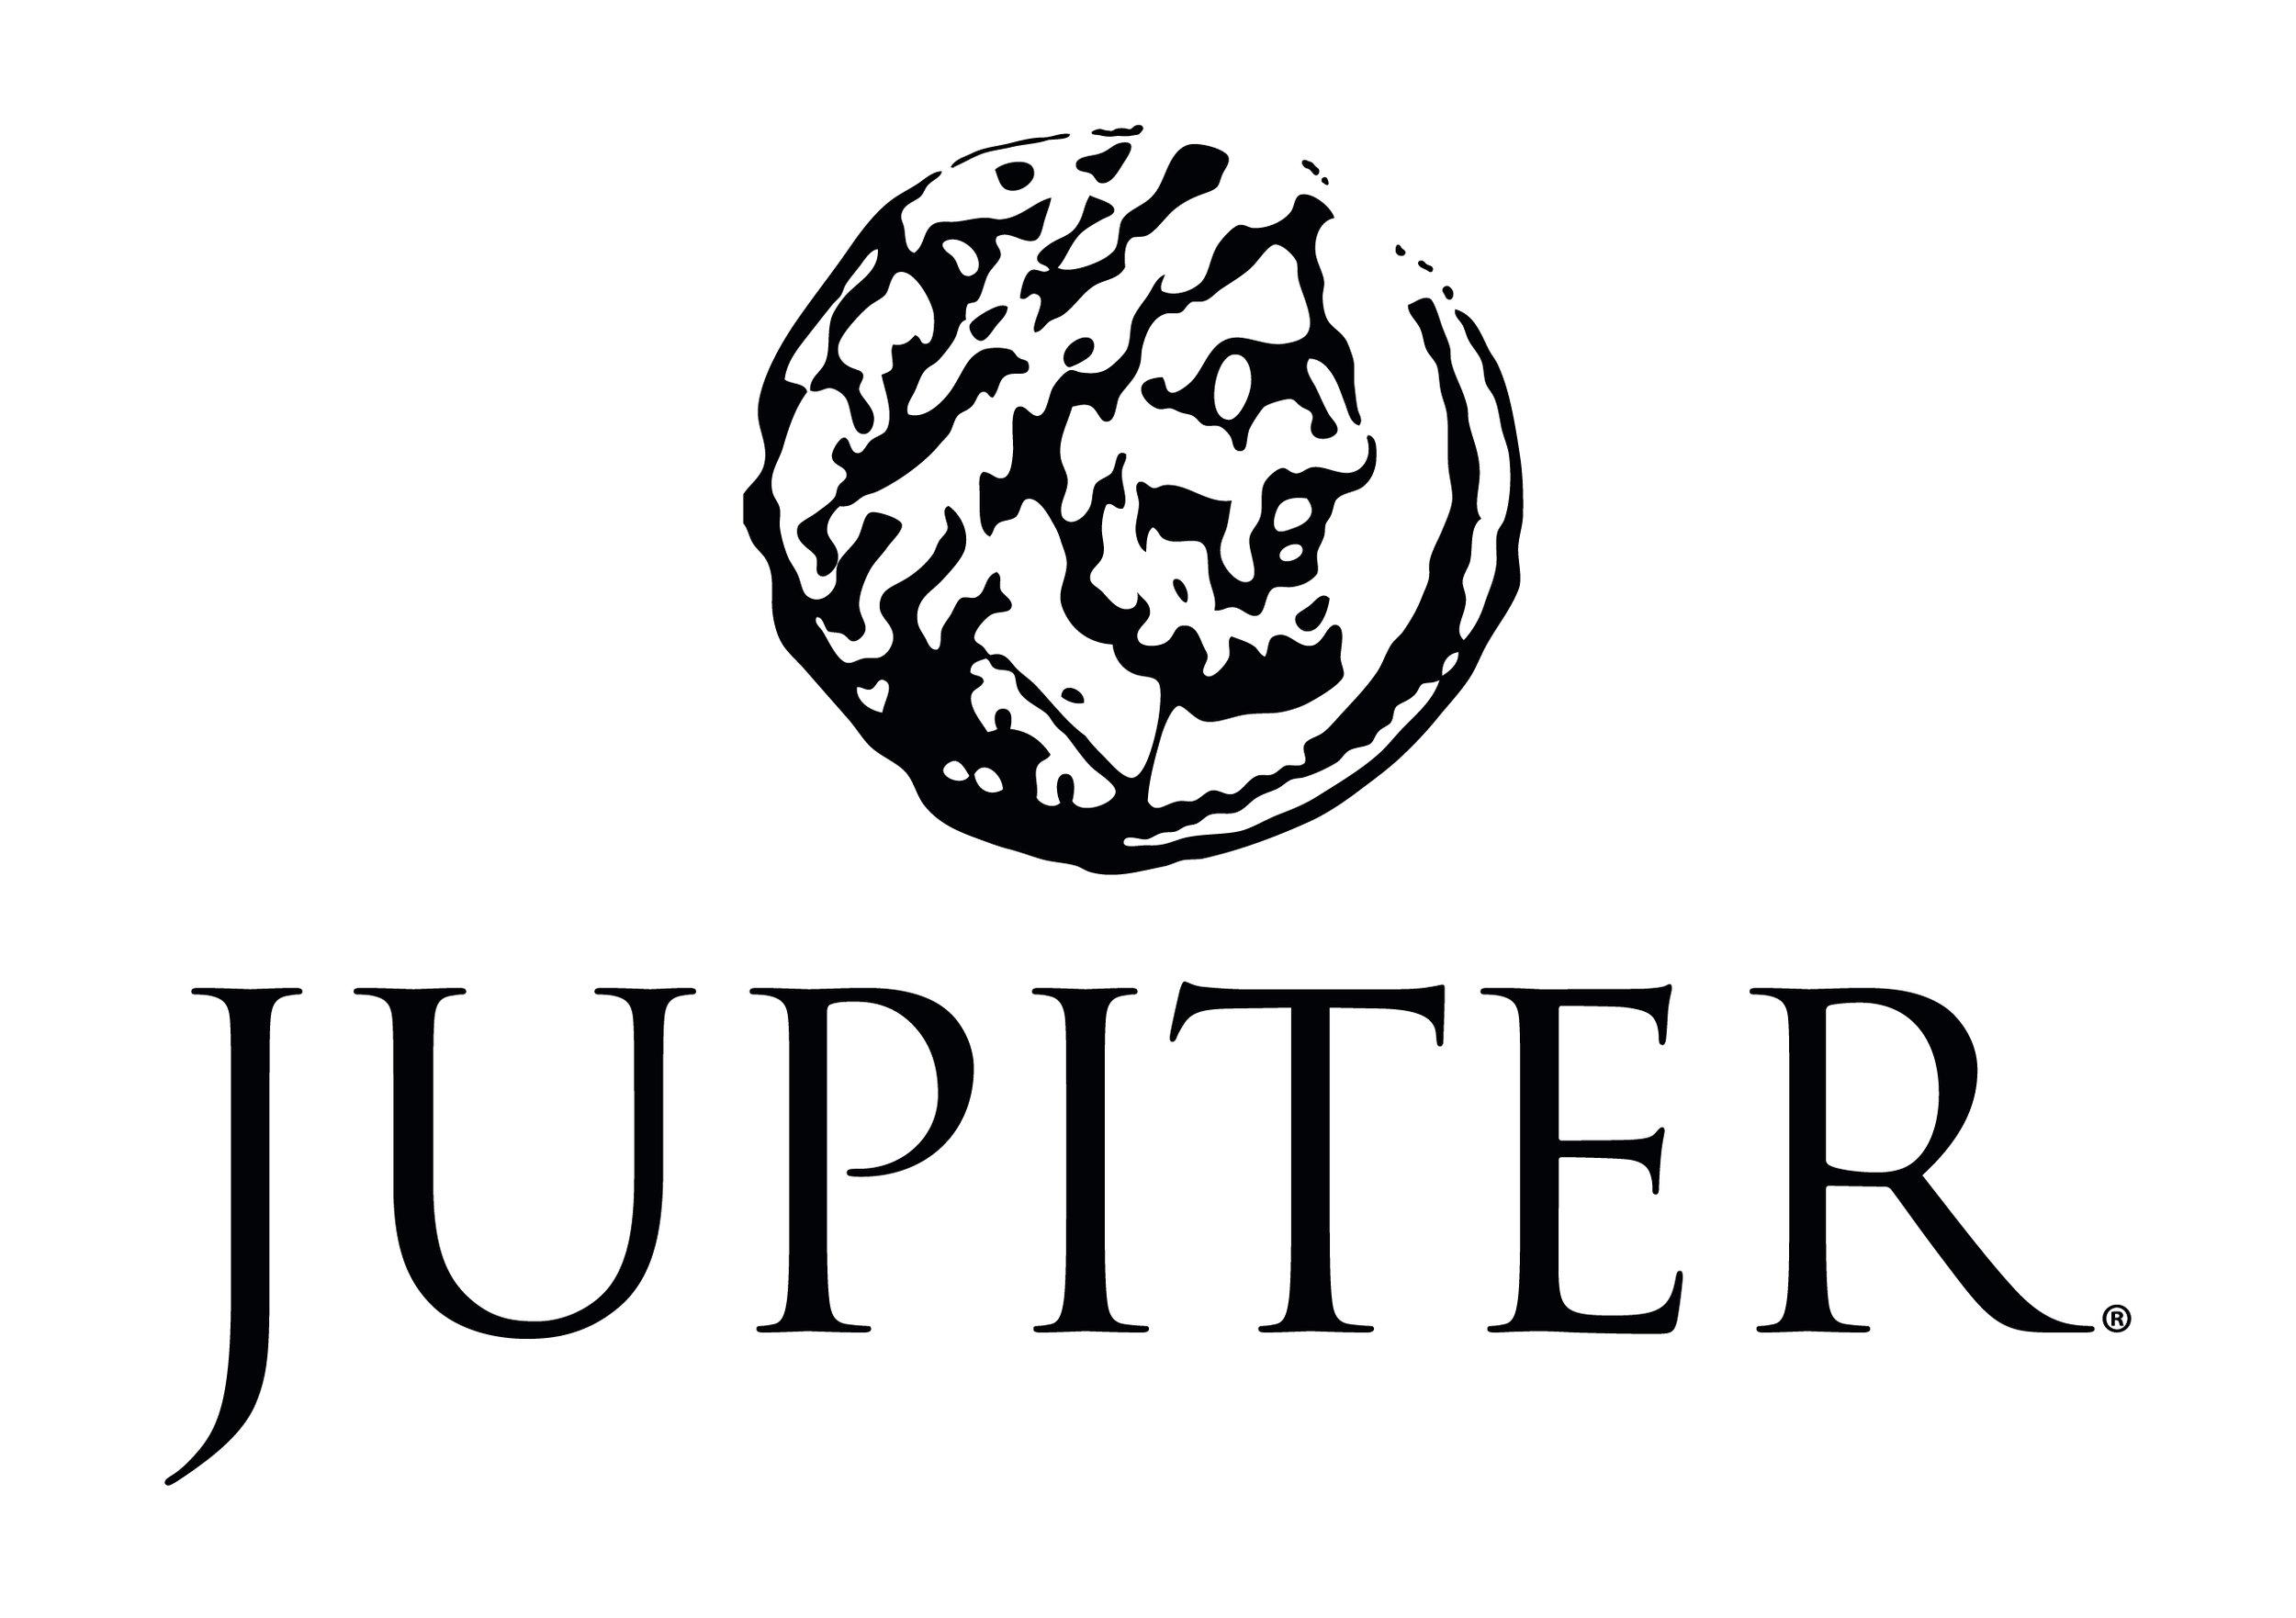 JUPITER_logo_300dpi.jpg